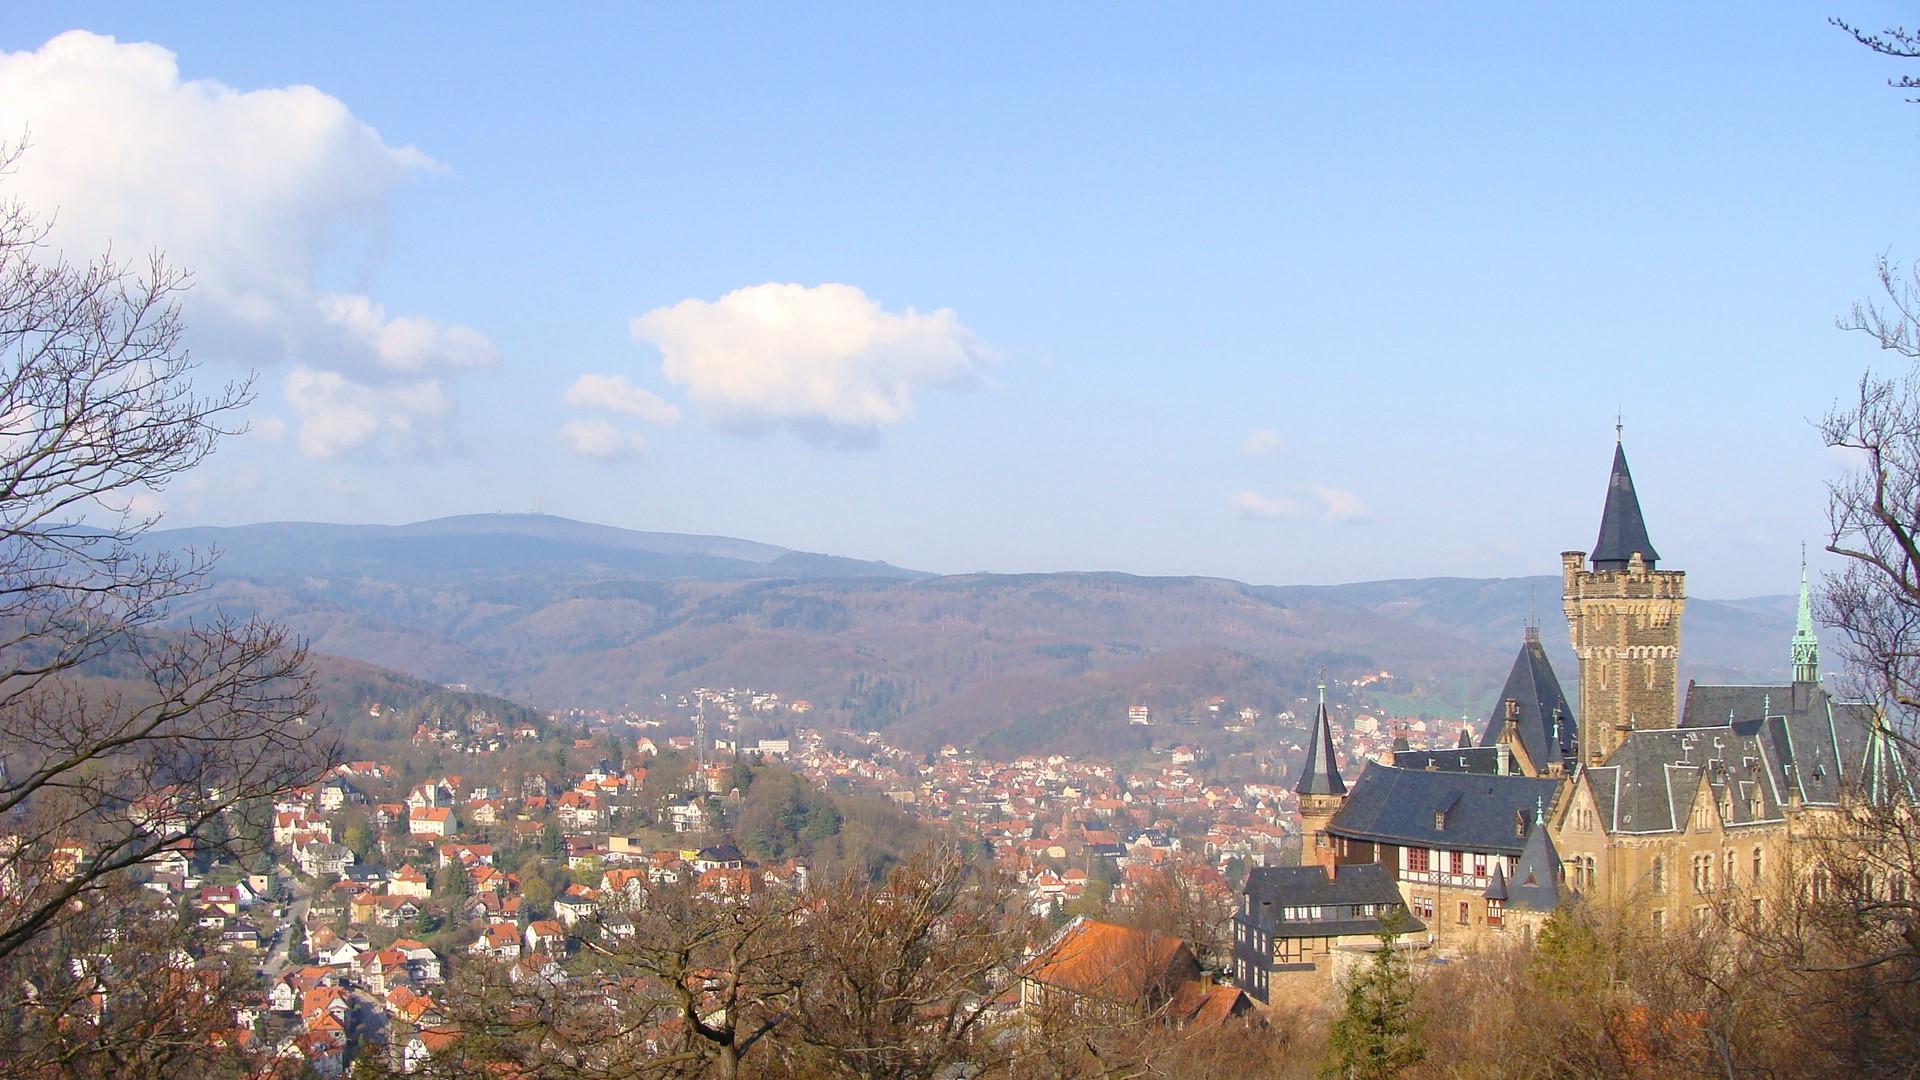 HWN 031 Agnesberg / Schloss Wernigerode